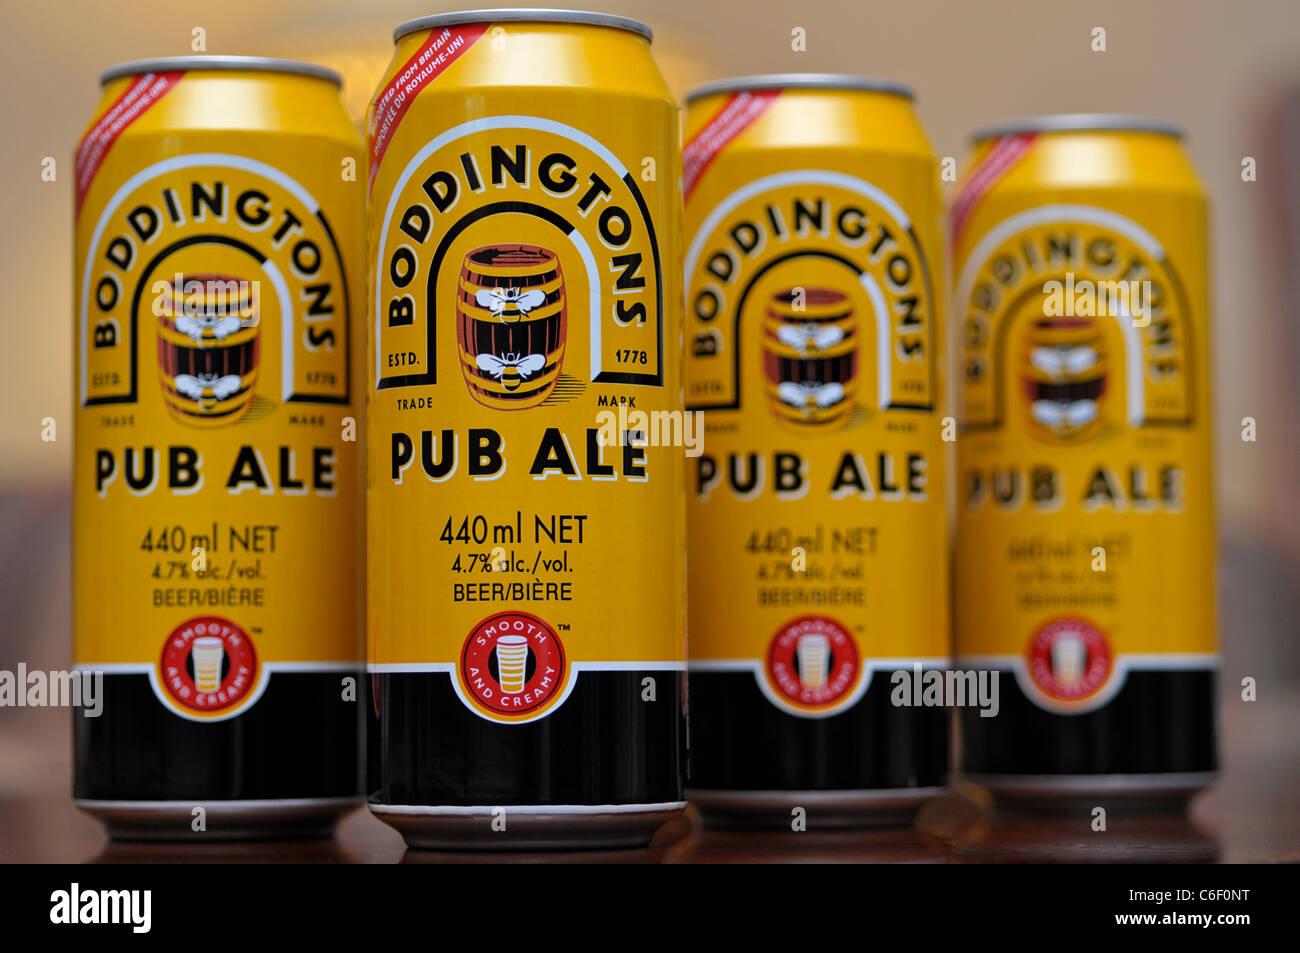 Cans of Ale, Boddingtons Pub Ale - Stock Image